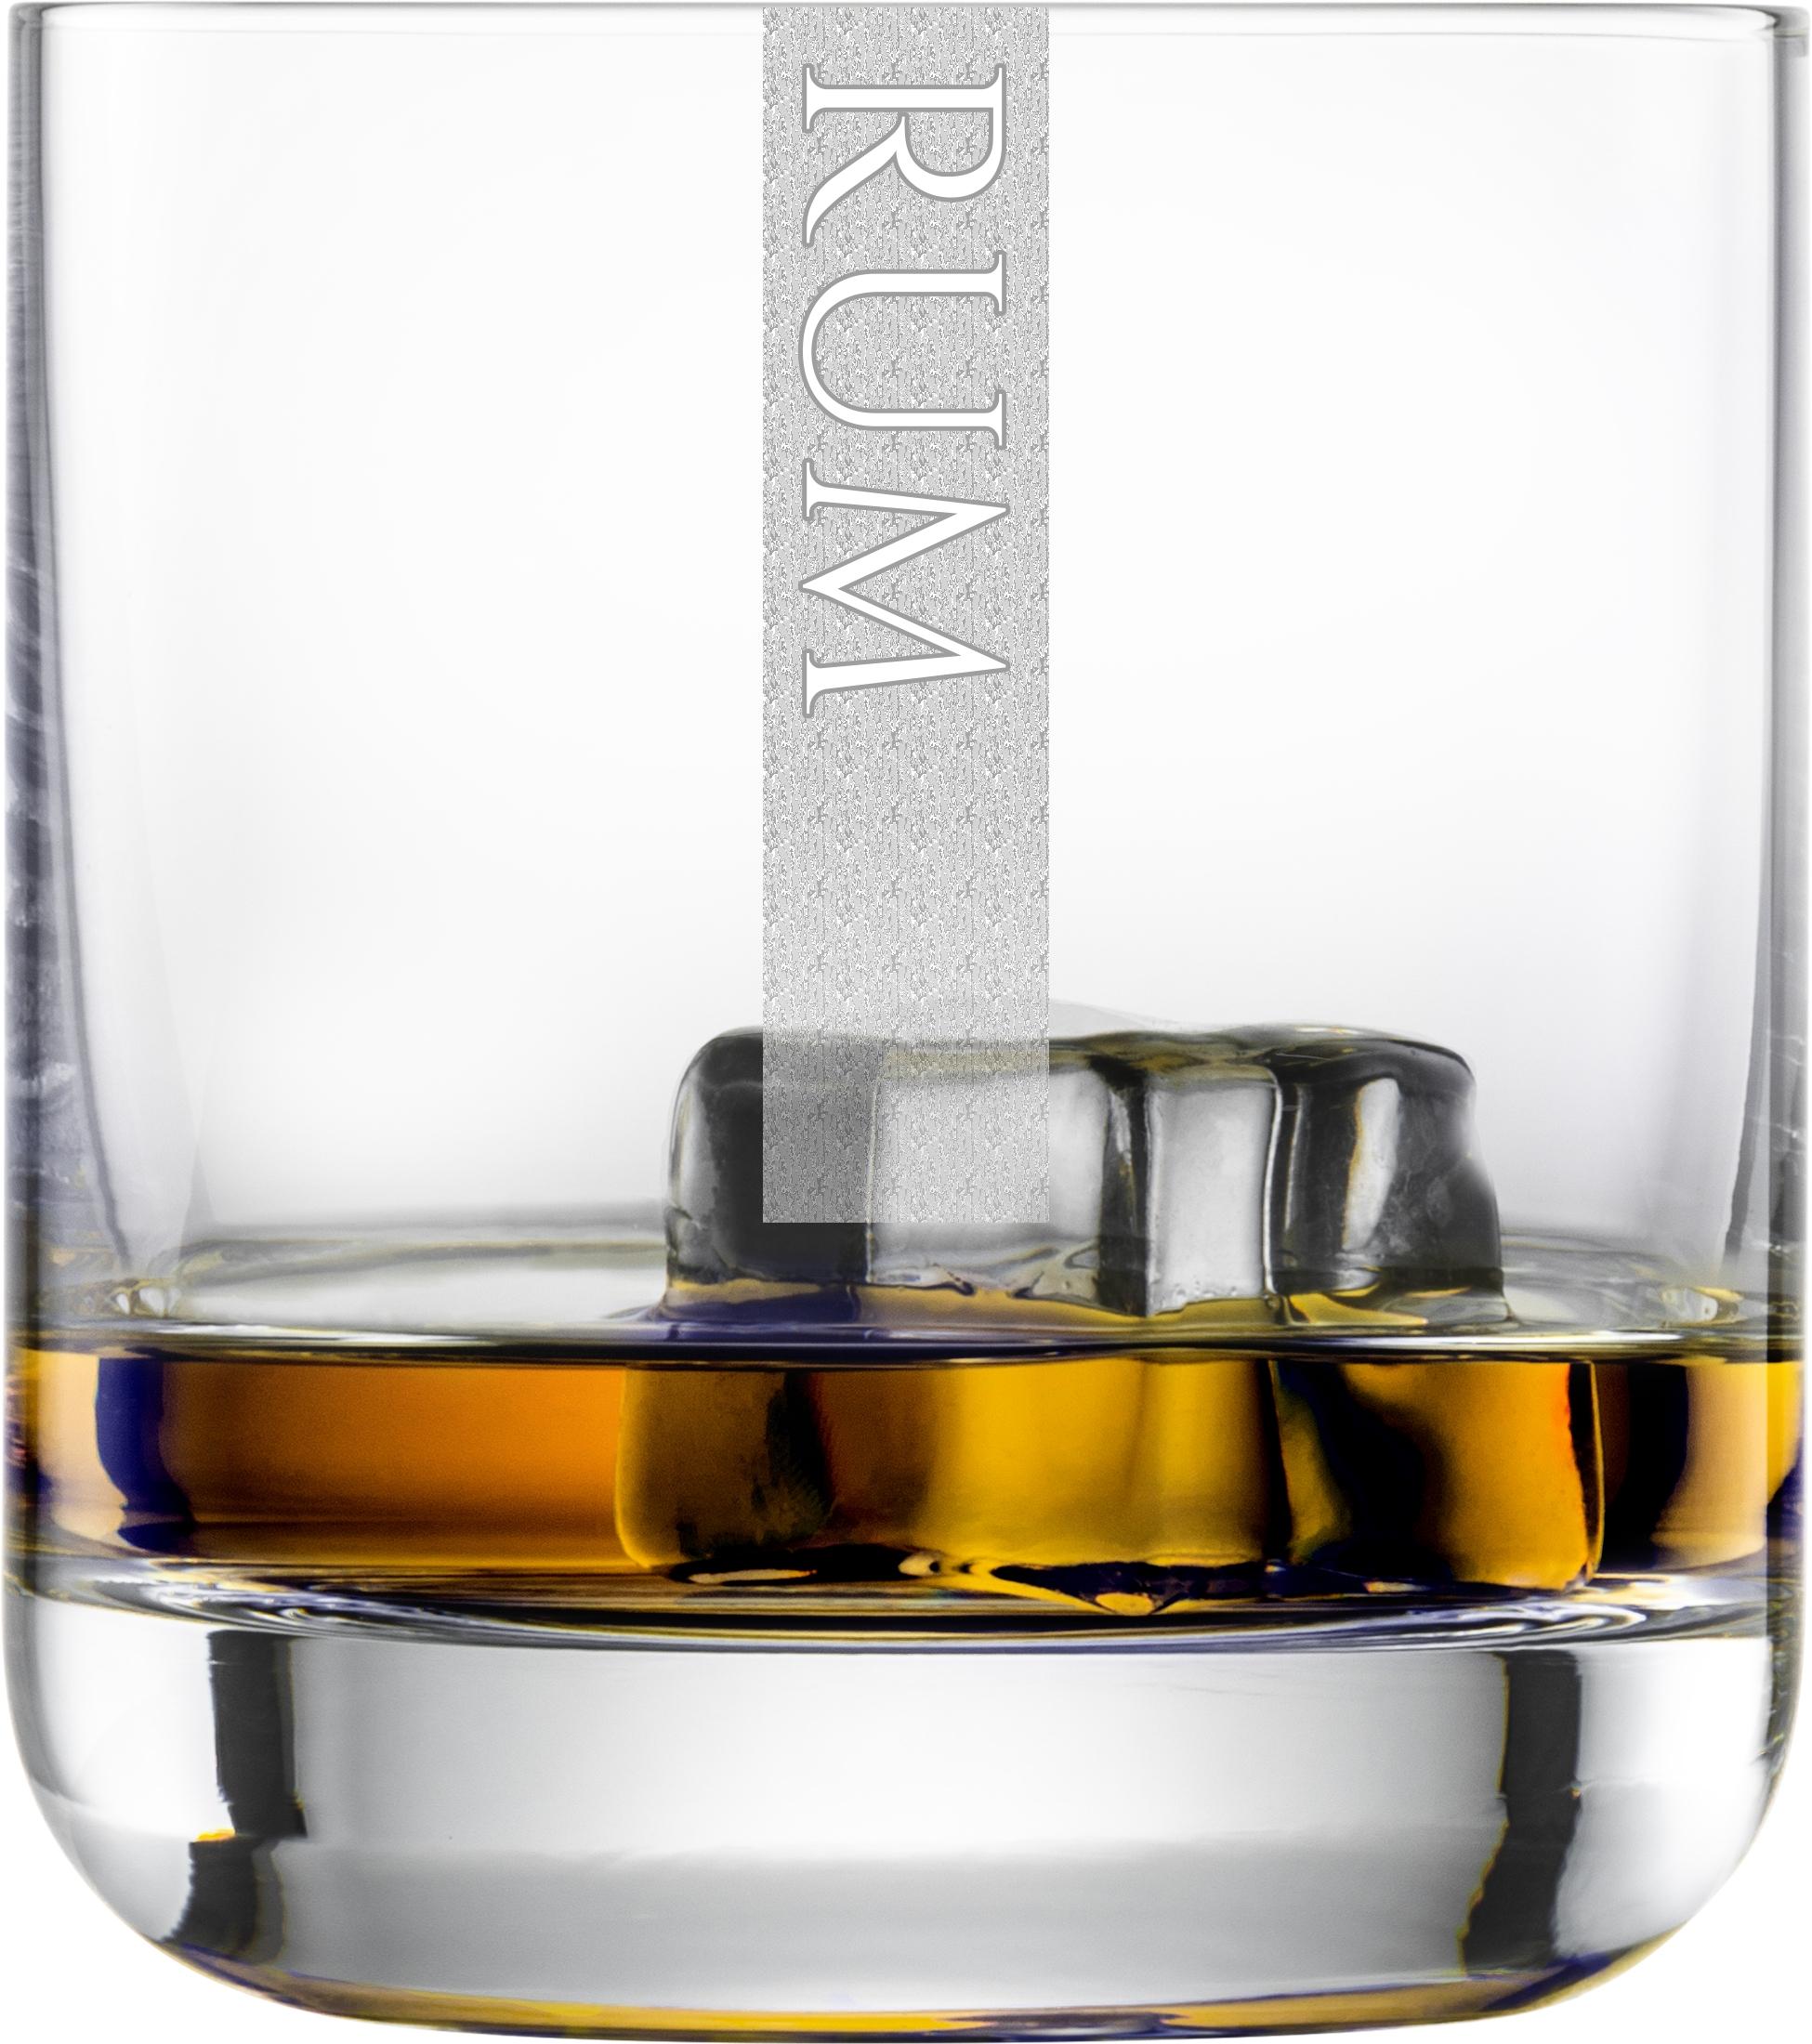 RUM Gläser | 6 Stück 300ml Schott Tumblerglas | CoolGlas